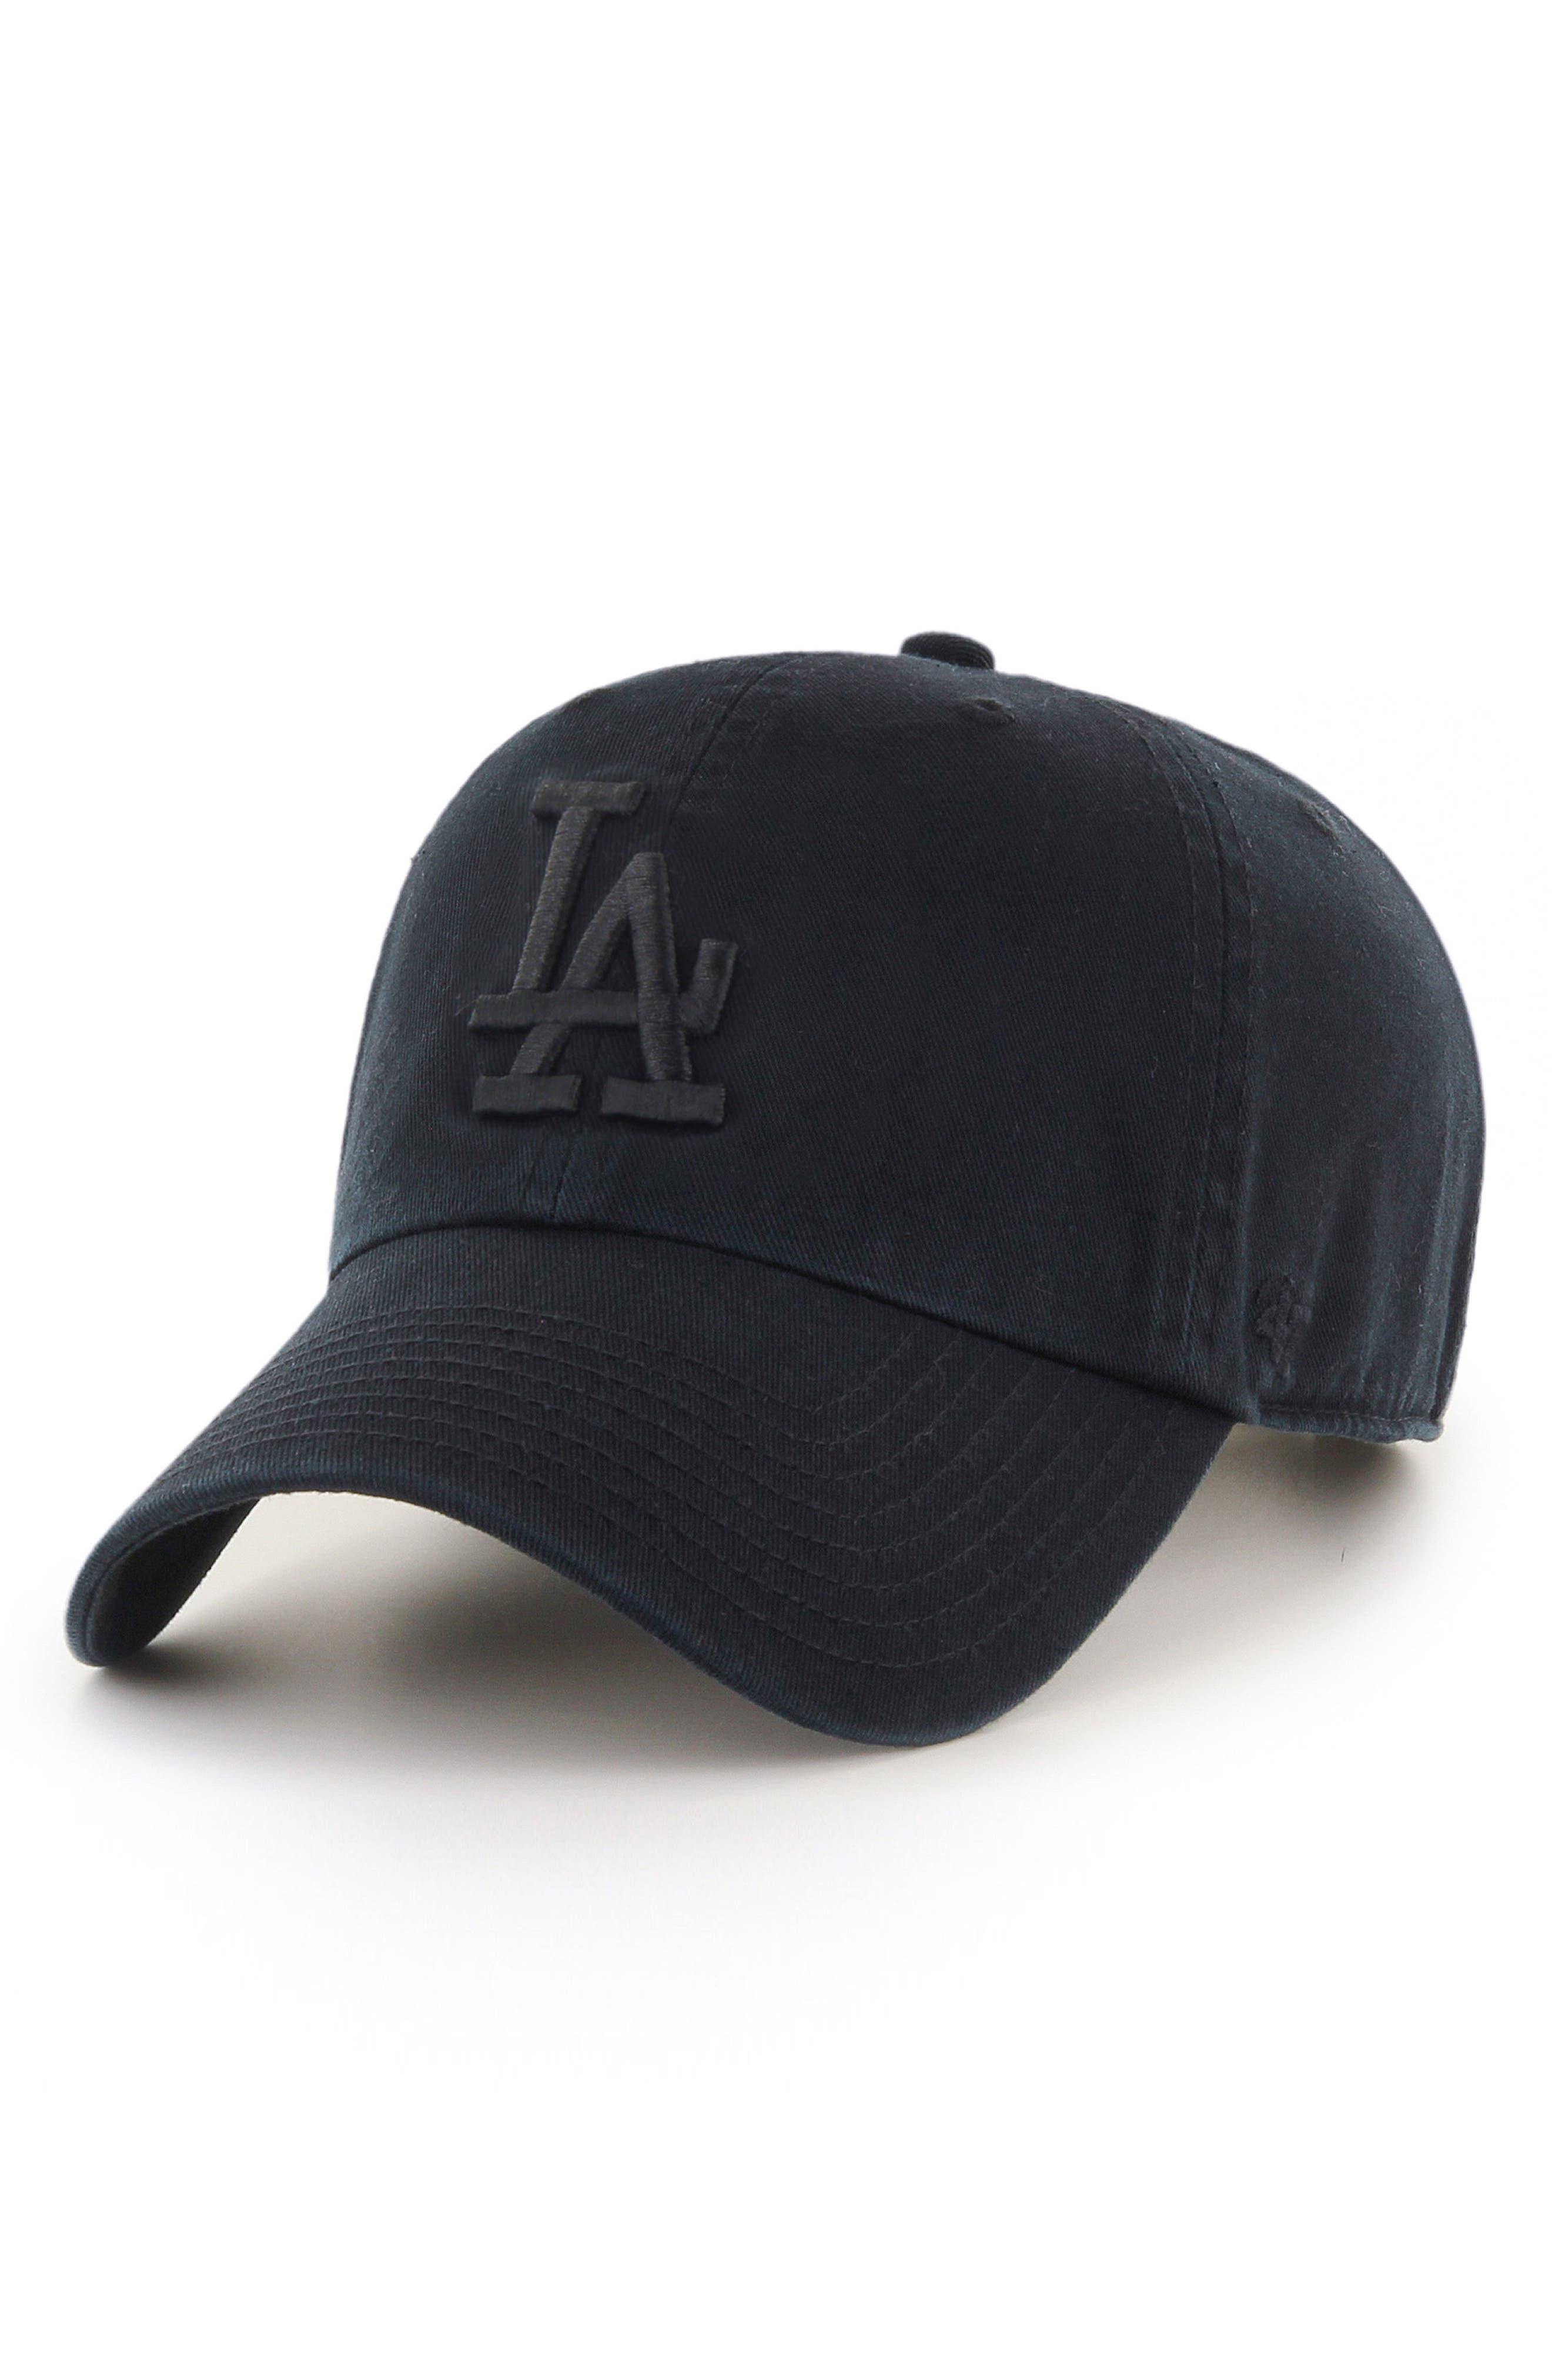 Clean UP LA Dodgers Baseball Cap,                         Main,                         color, Black